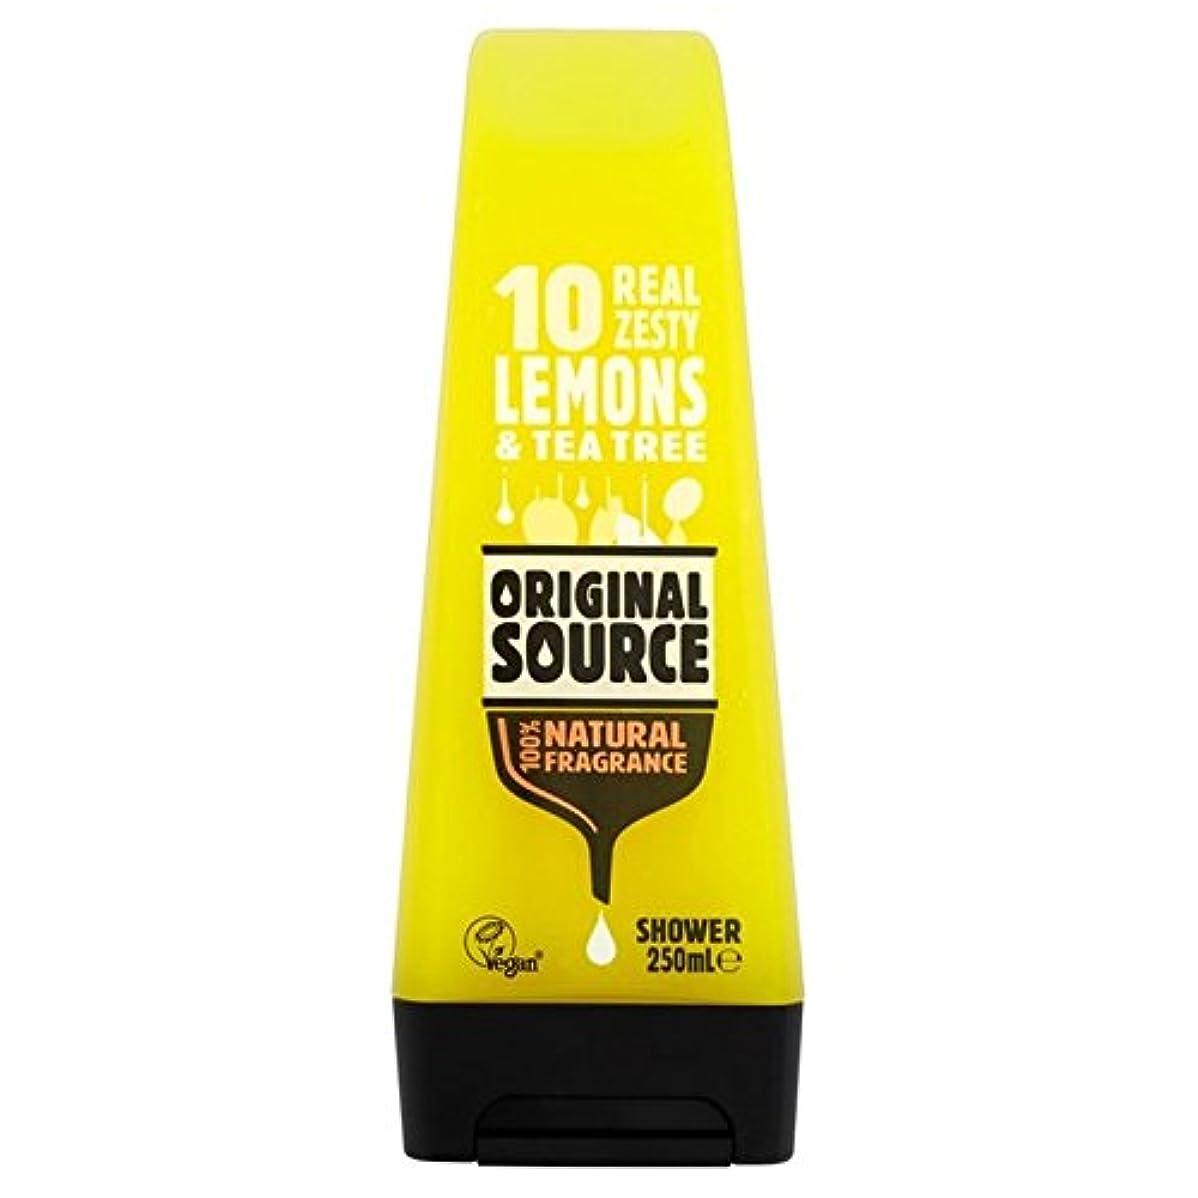 拘束列車聴く元のソースのレモンシャワージェル250ミリリットル x2 - Original Source Lemon Shower Gel 250ml (Pack of 2) [並行輸入品]